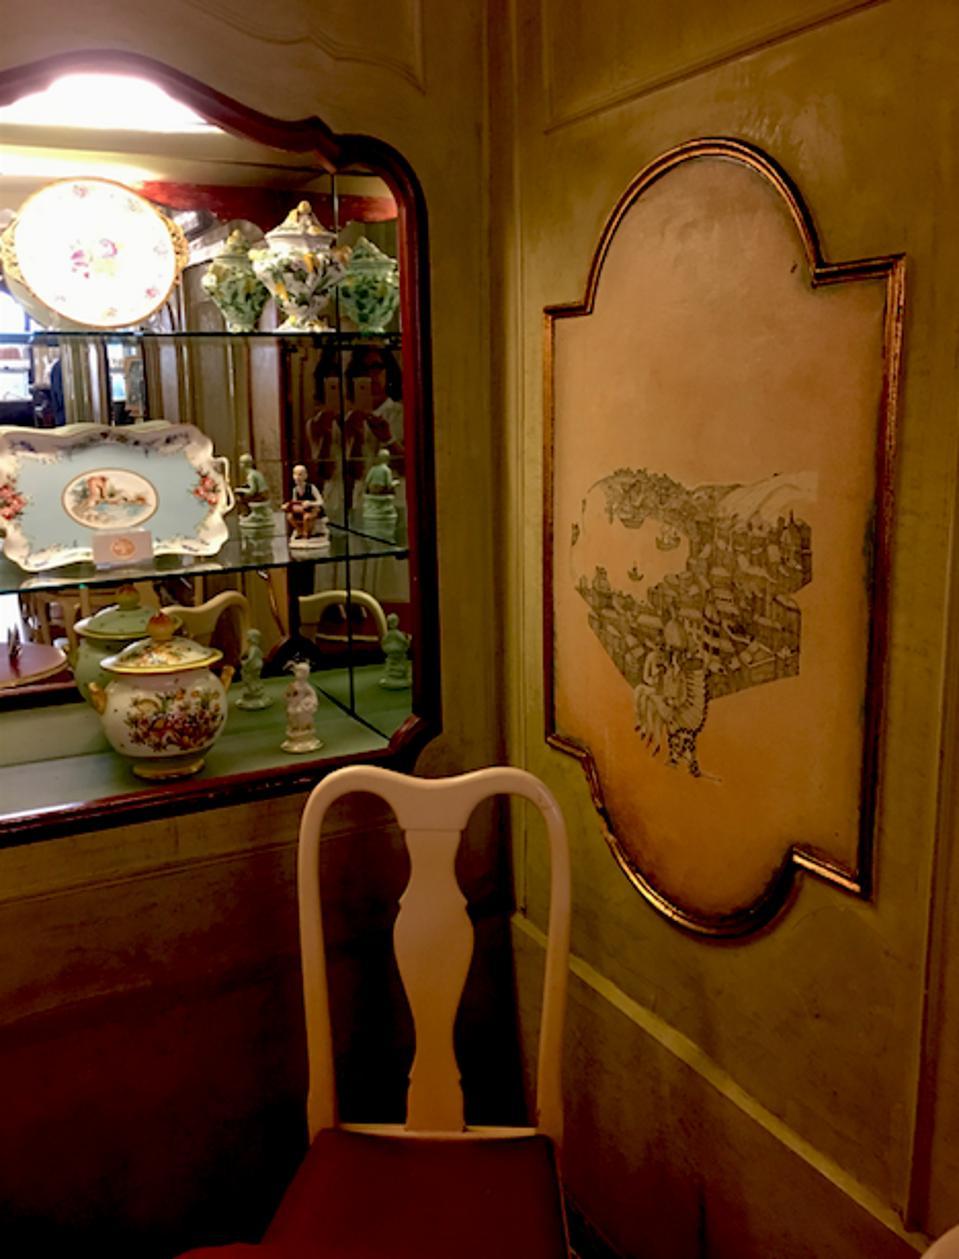 An interior vignette.